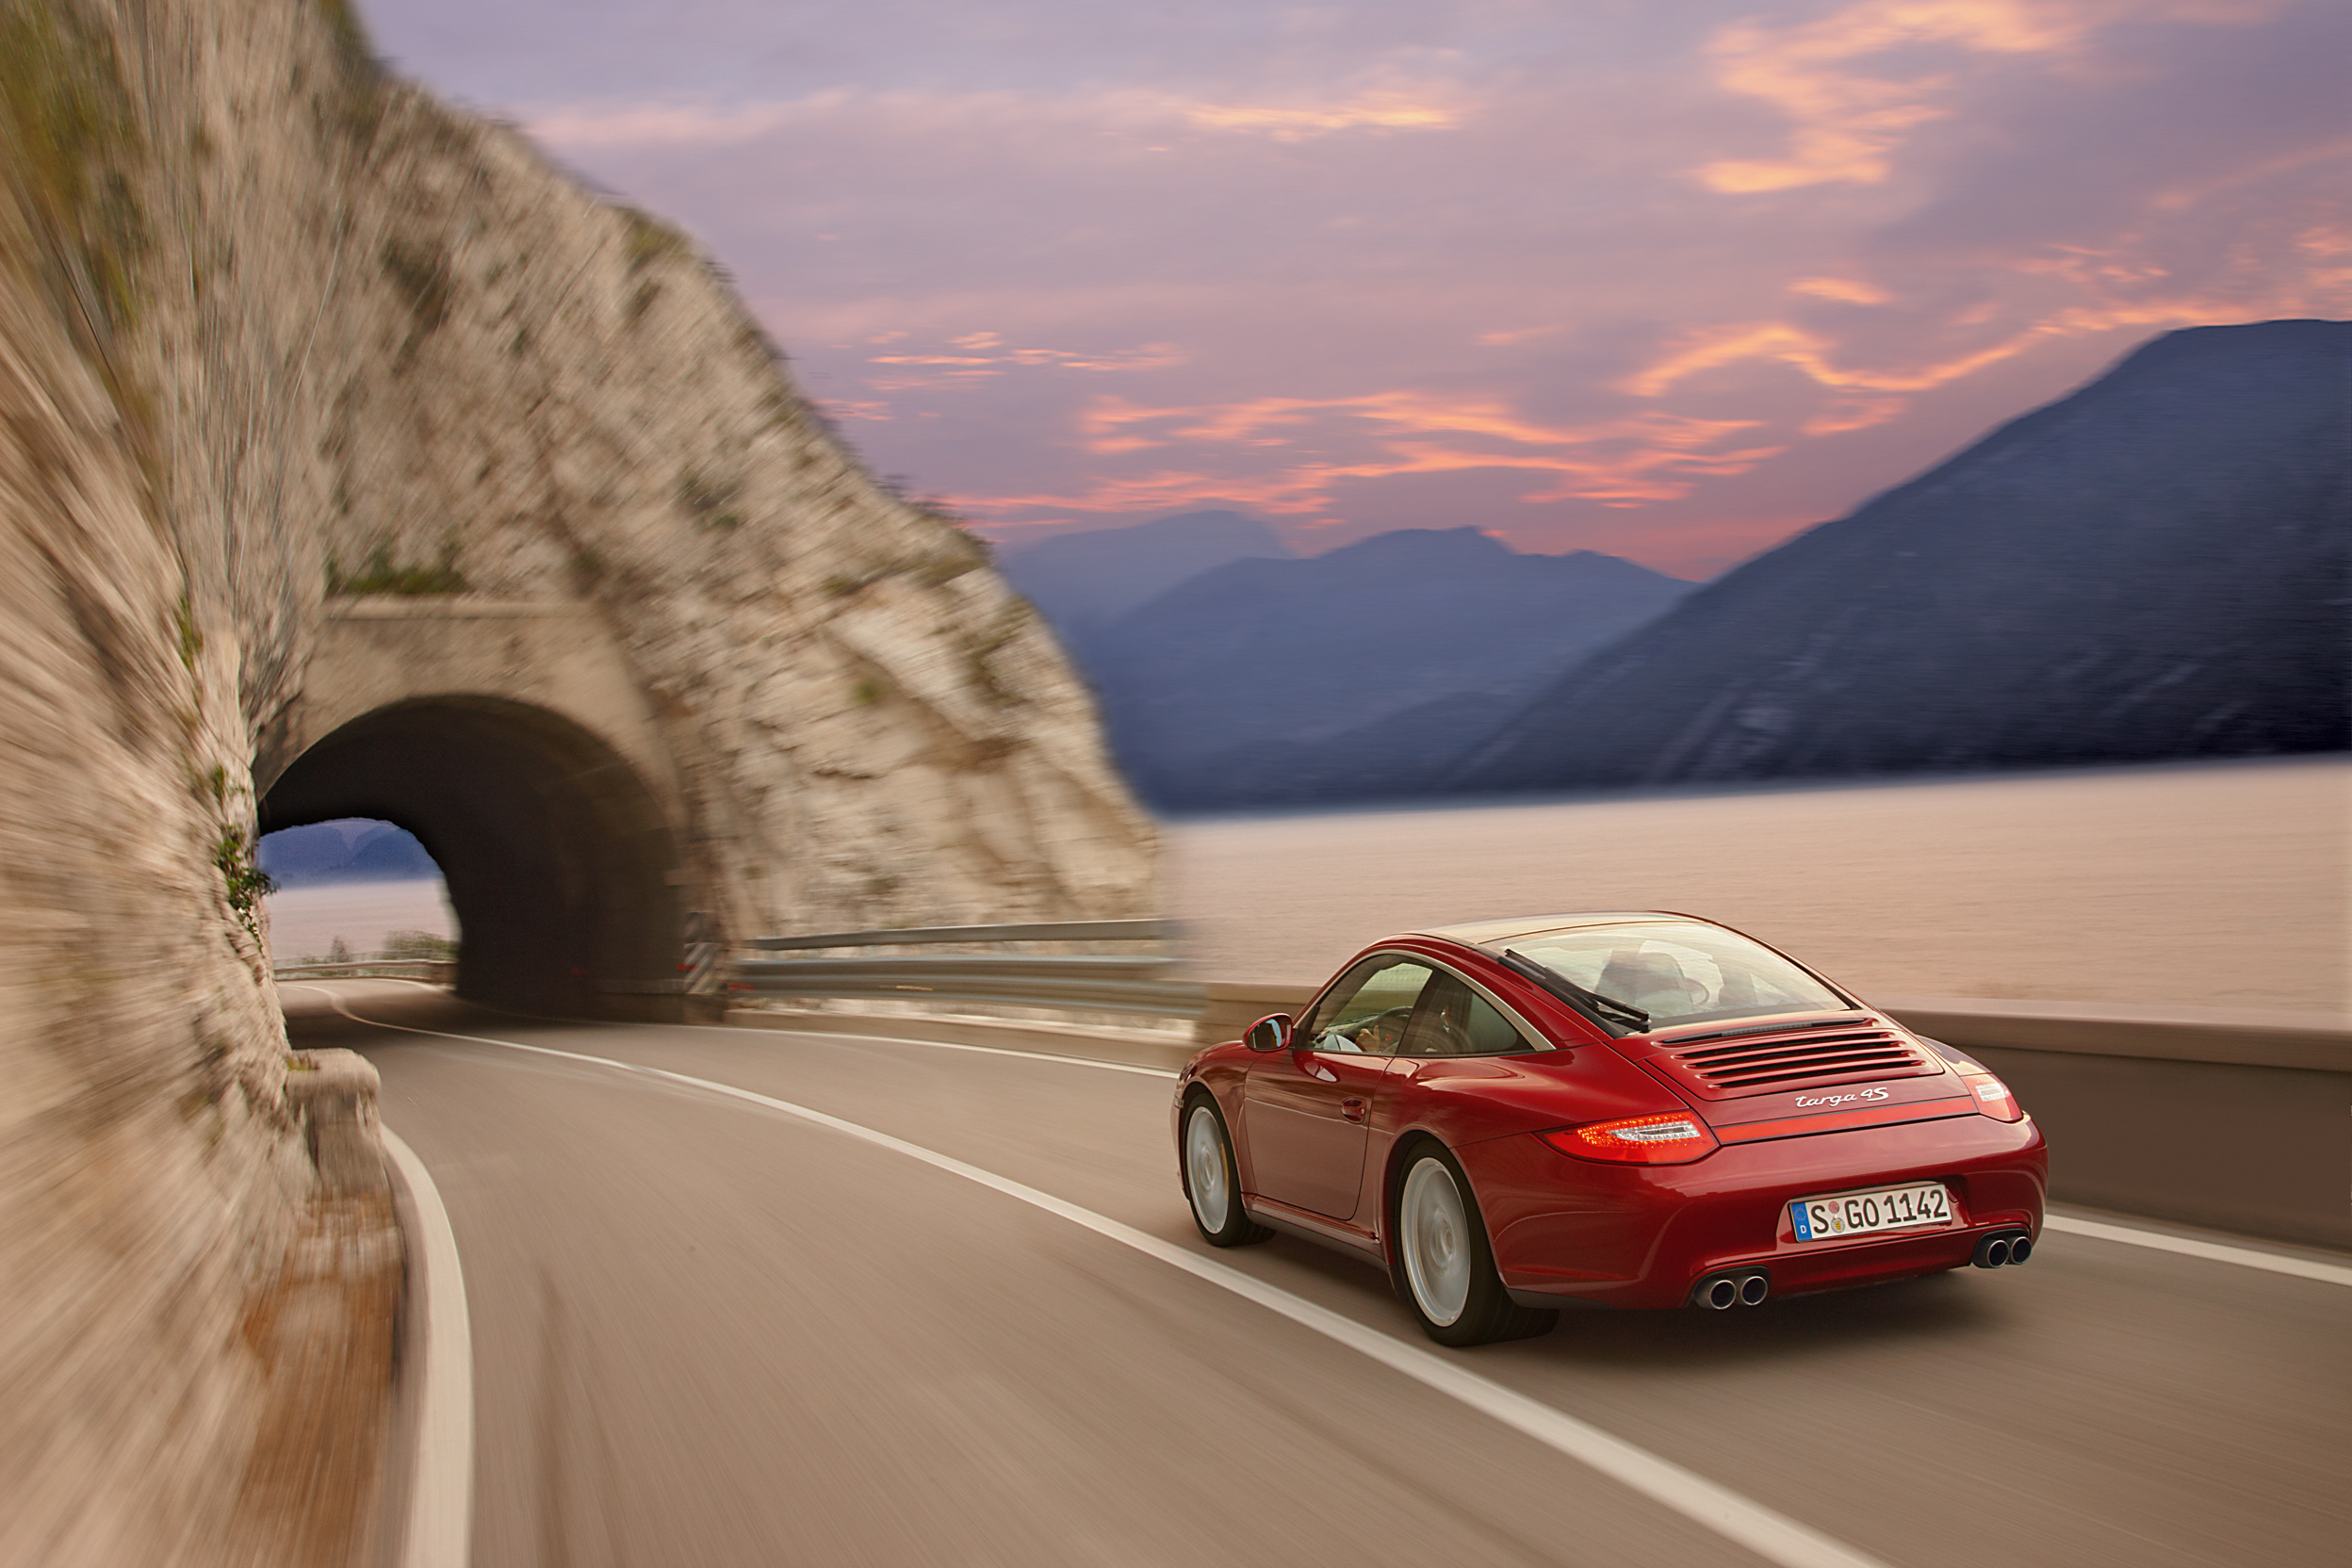 Porsche-997-Targa-4S-MkII-rouge-3-4-arriere-gauche-travelling.jpg